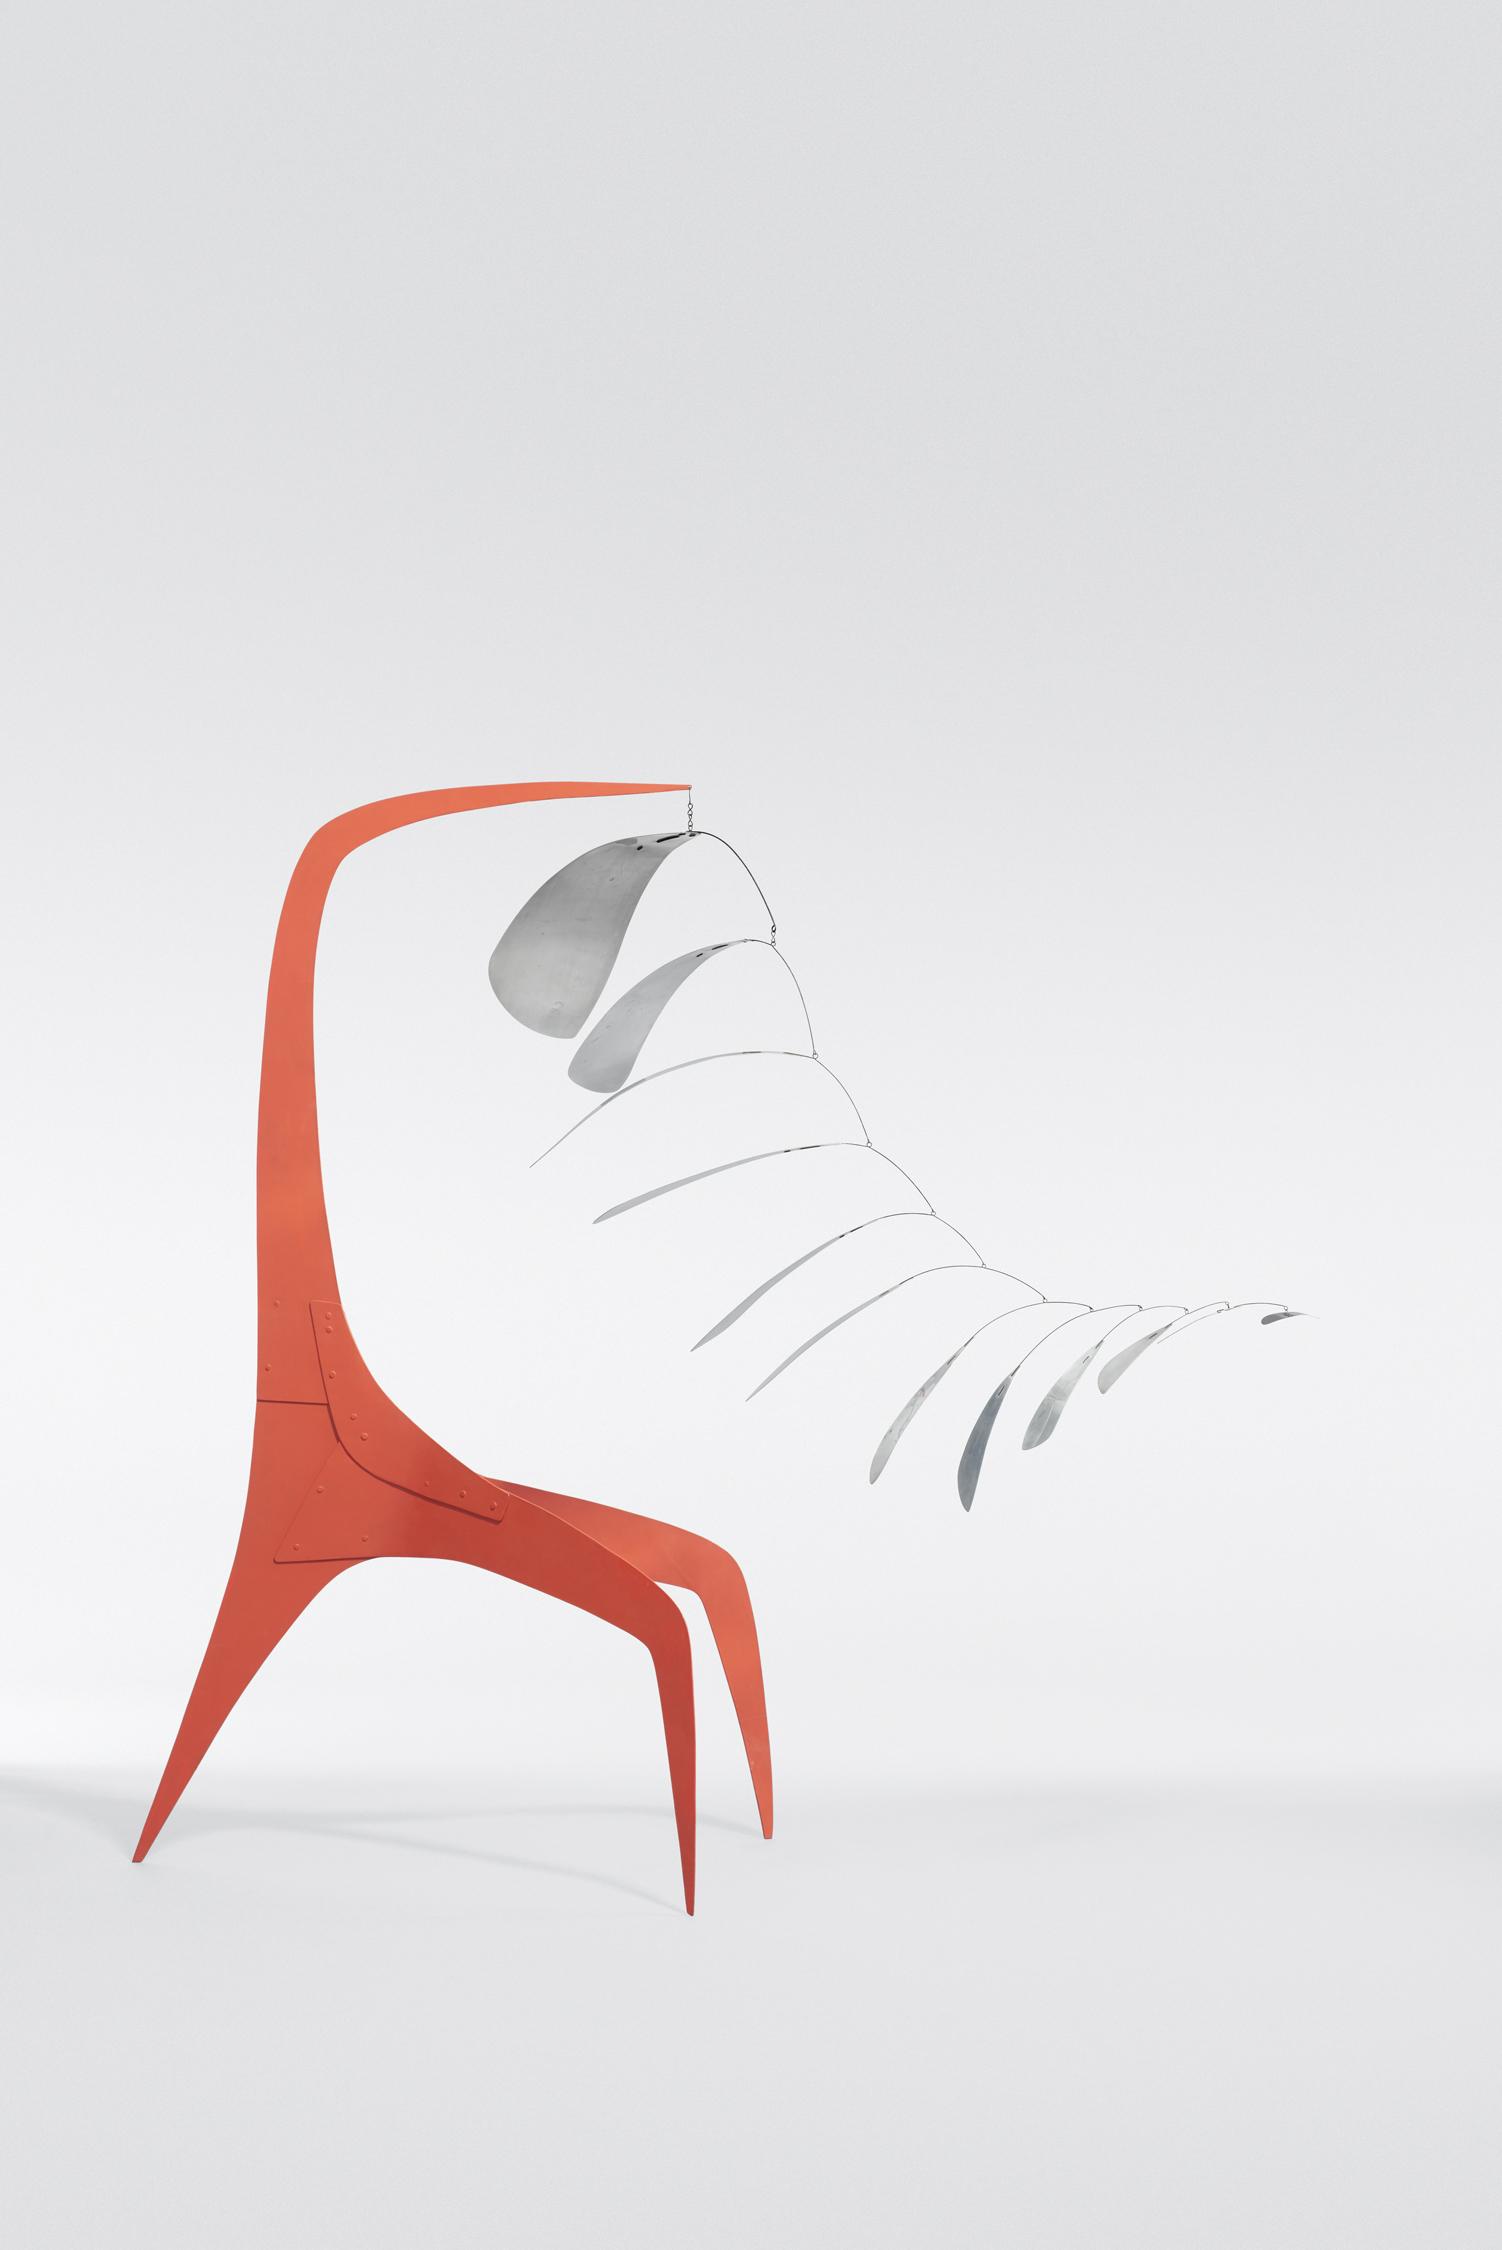 Calder_Aluminum_Leaves_Sequence_BEAUTY_SHOT_final.jpg